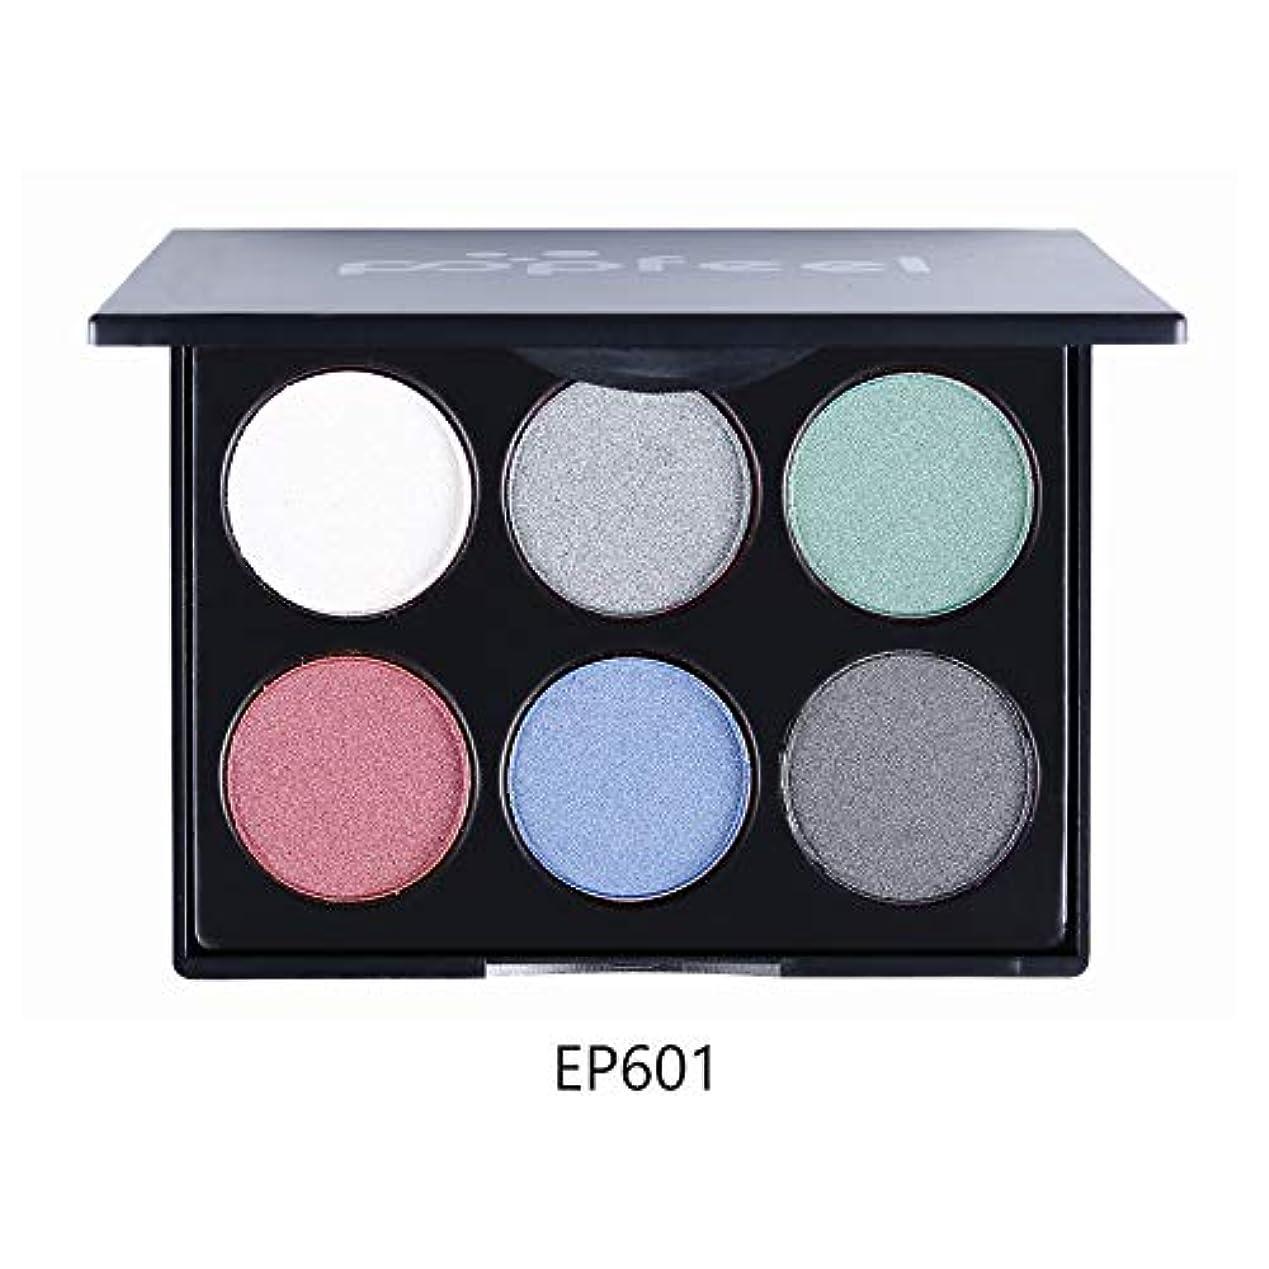 適性モーターカルシウムRabugoo 6色マルチカラーアイシャドウパレットビーズマットアイシャドウ化粧品メイクアップ EP6#1